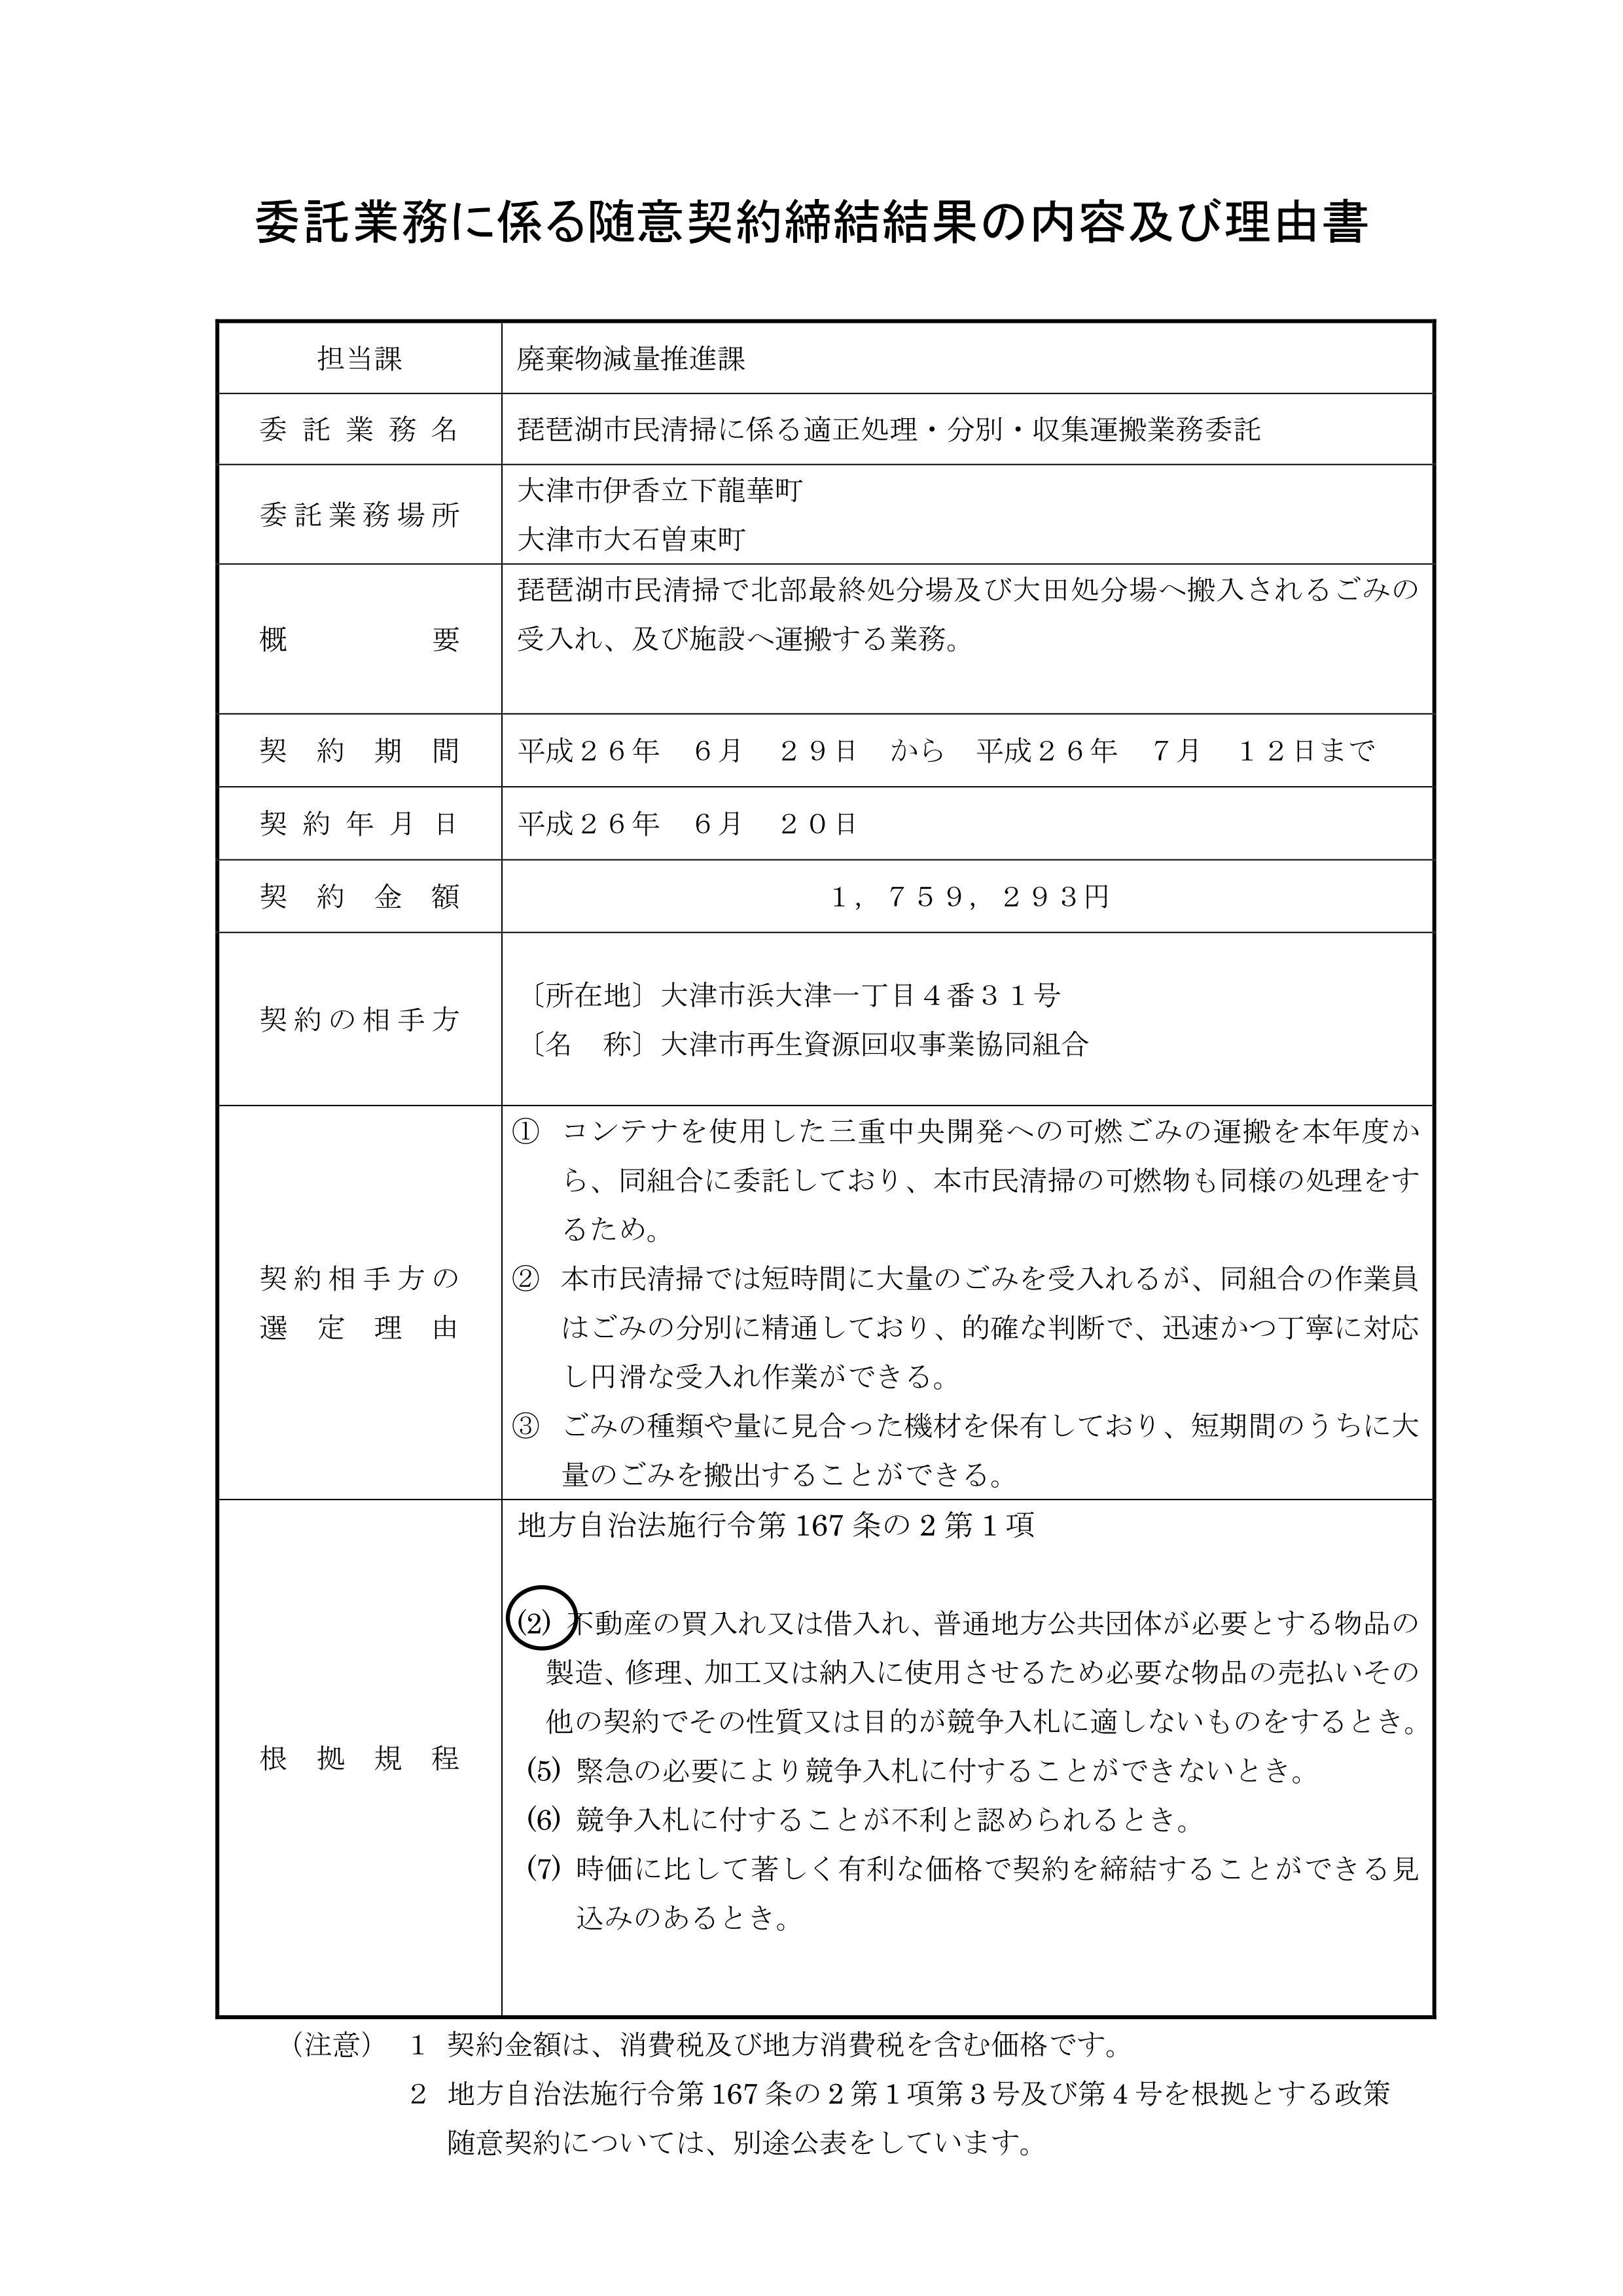 H26年委託契約